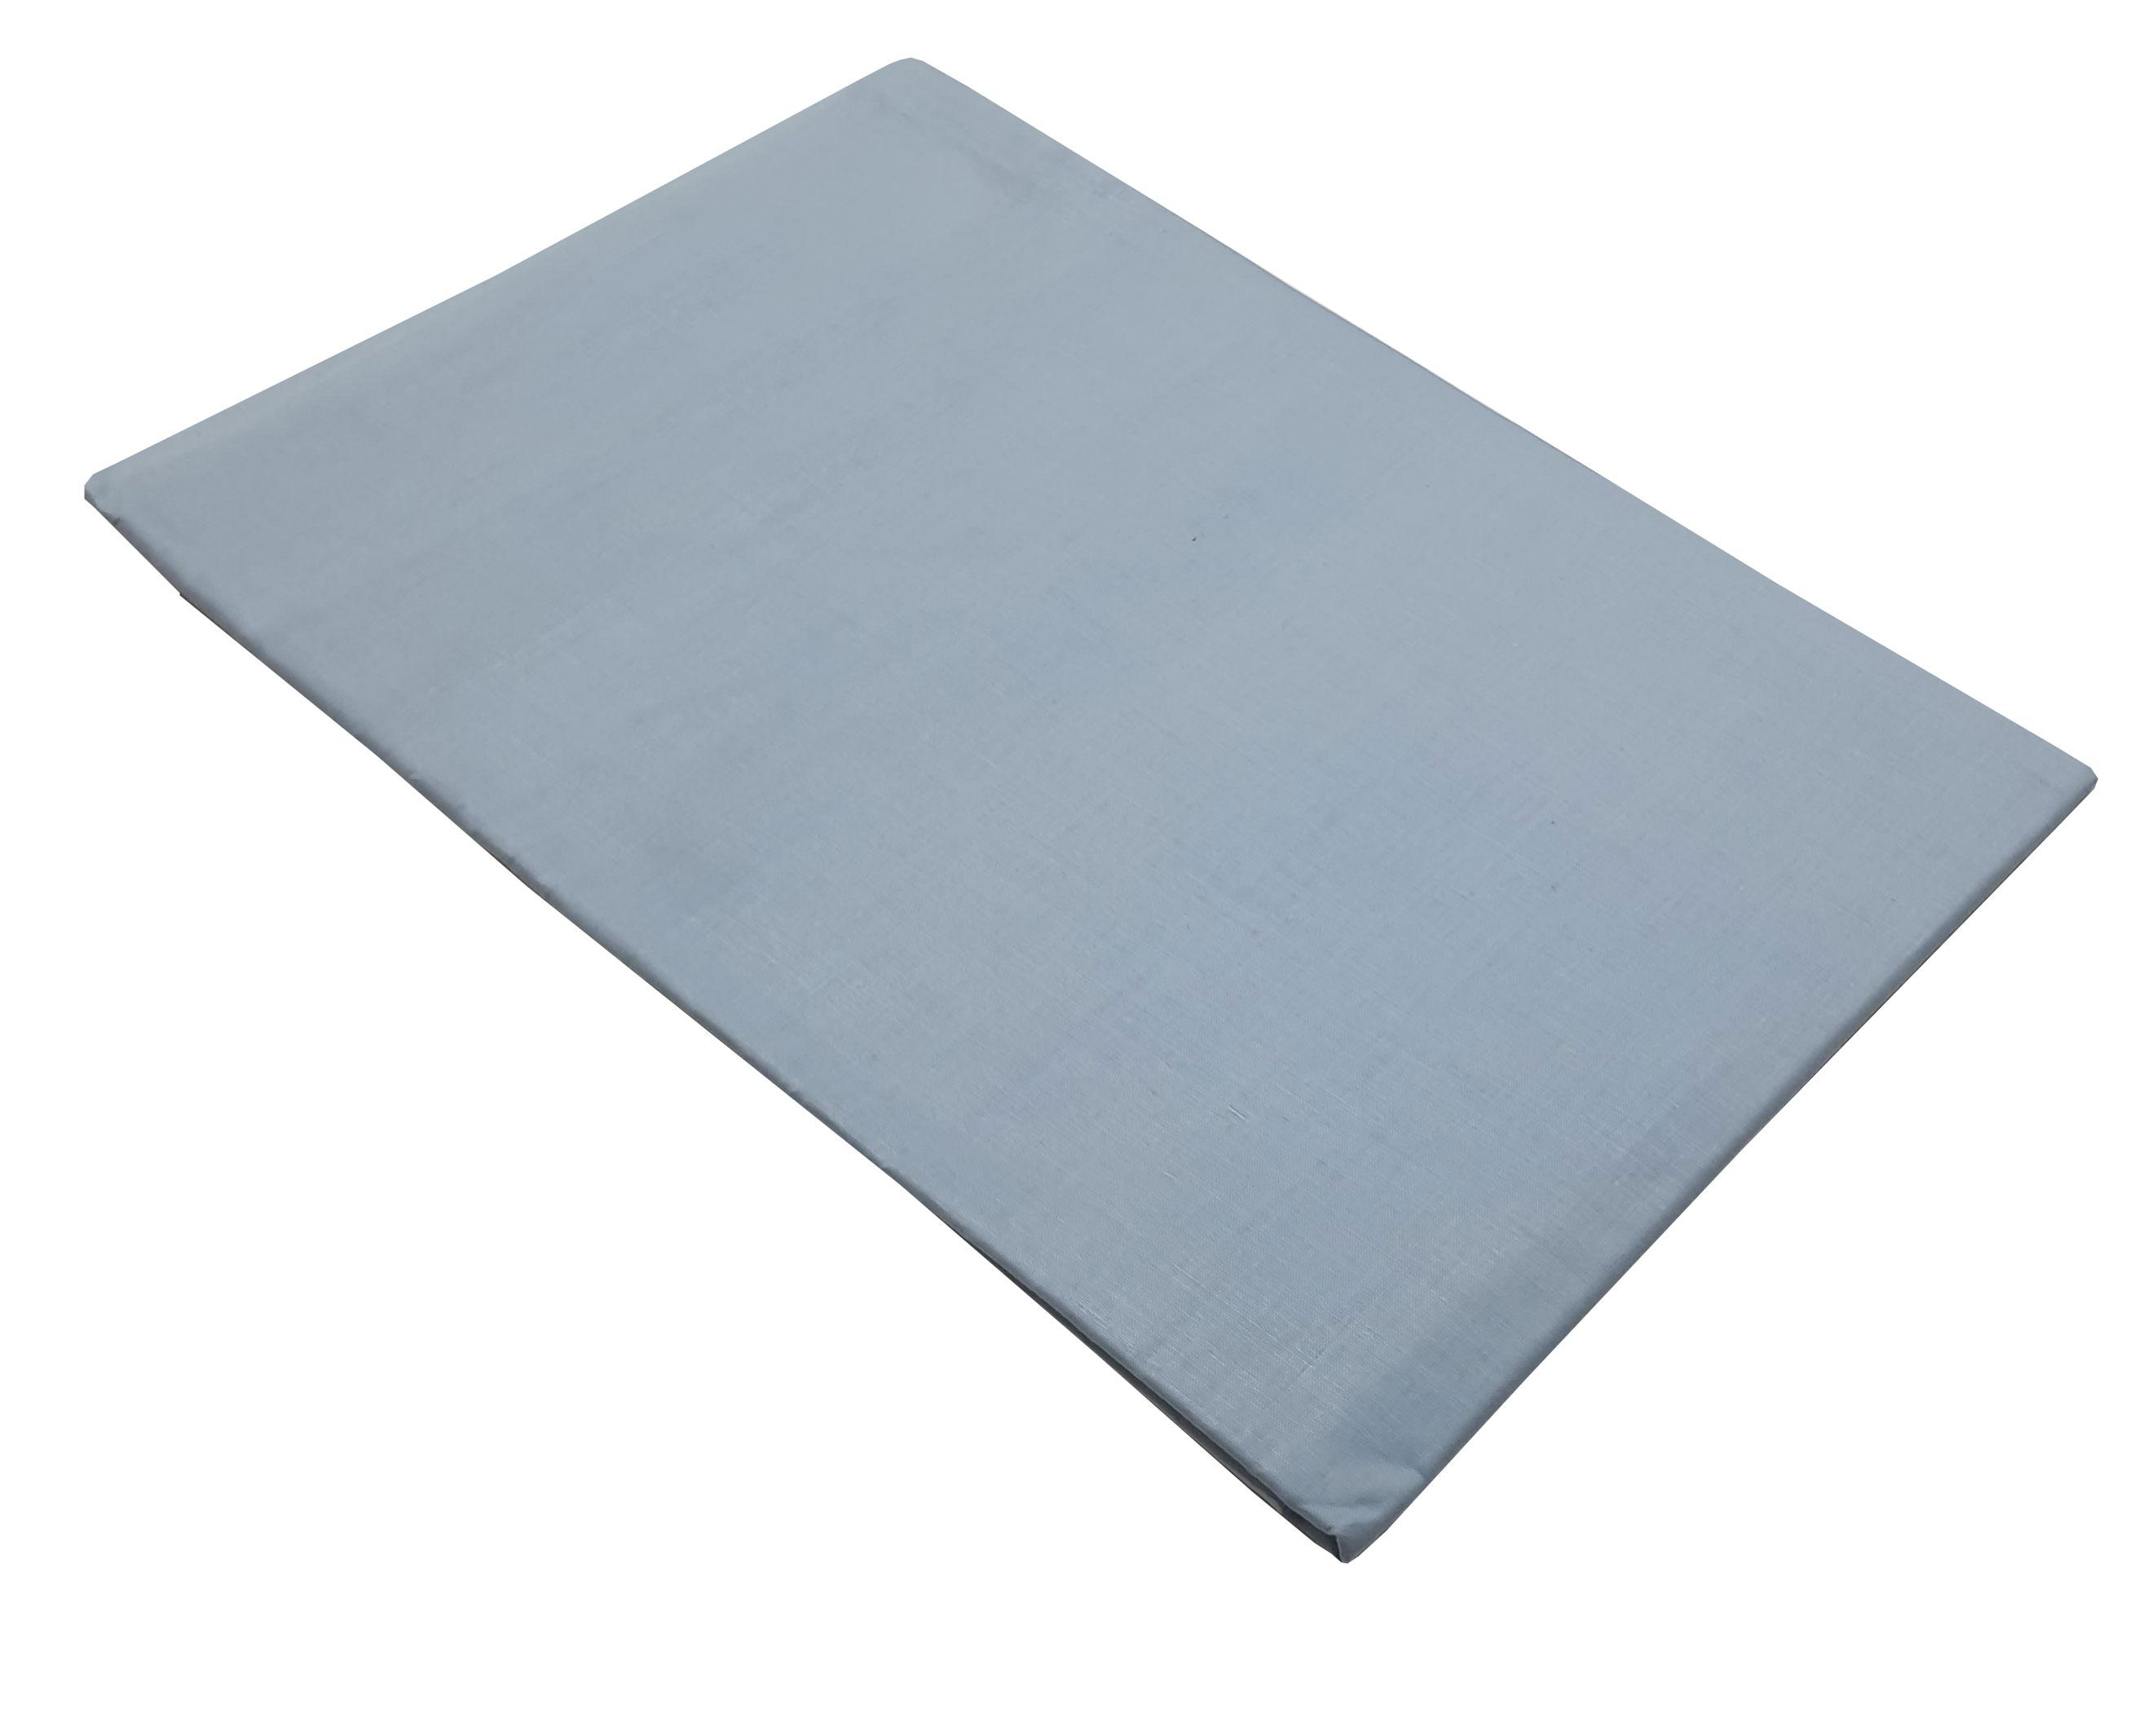 Ζεύγος Mαξιλαροθήκες ΚΟΜΒΟΣ Γαλάζιες Mονόχρωμες 50x70  - 7000139-2